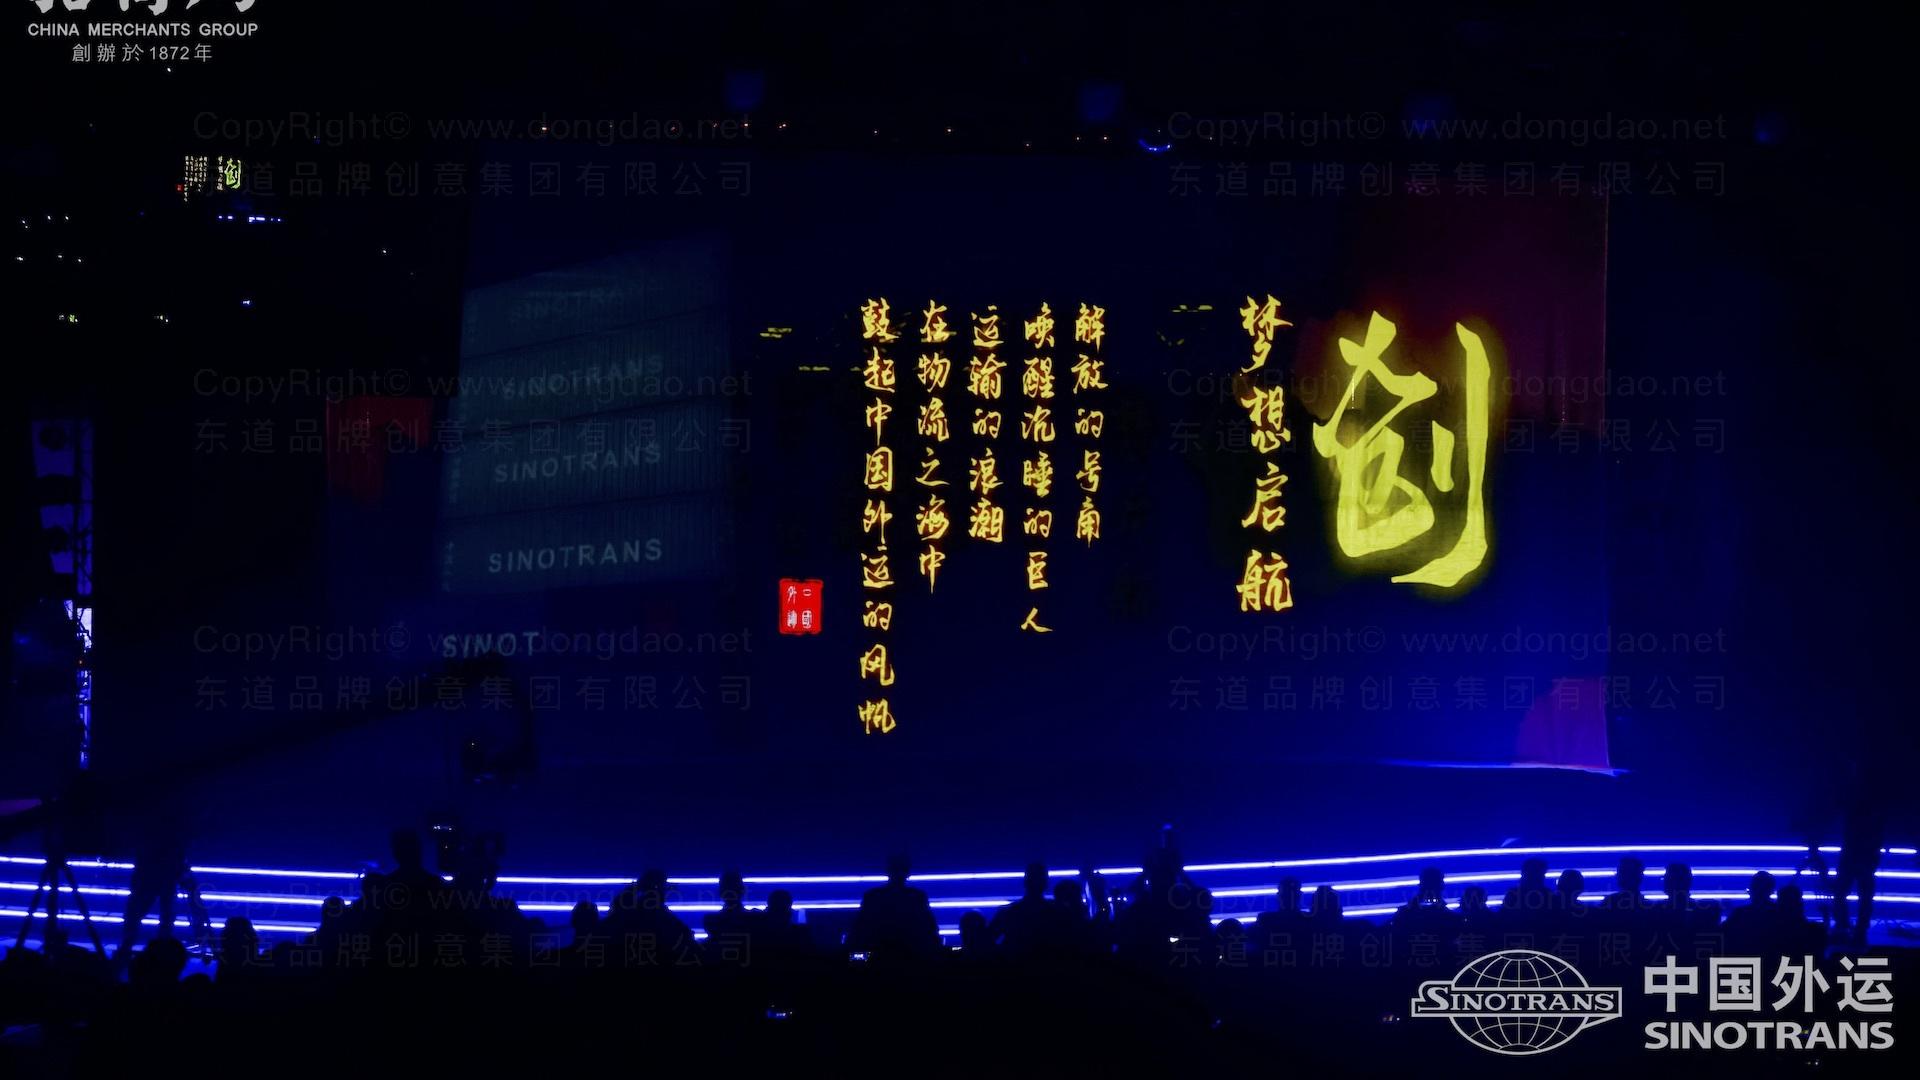 品牌战略&企业文化中国外运企业文化落地项目企业文化手册应用场景_24